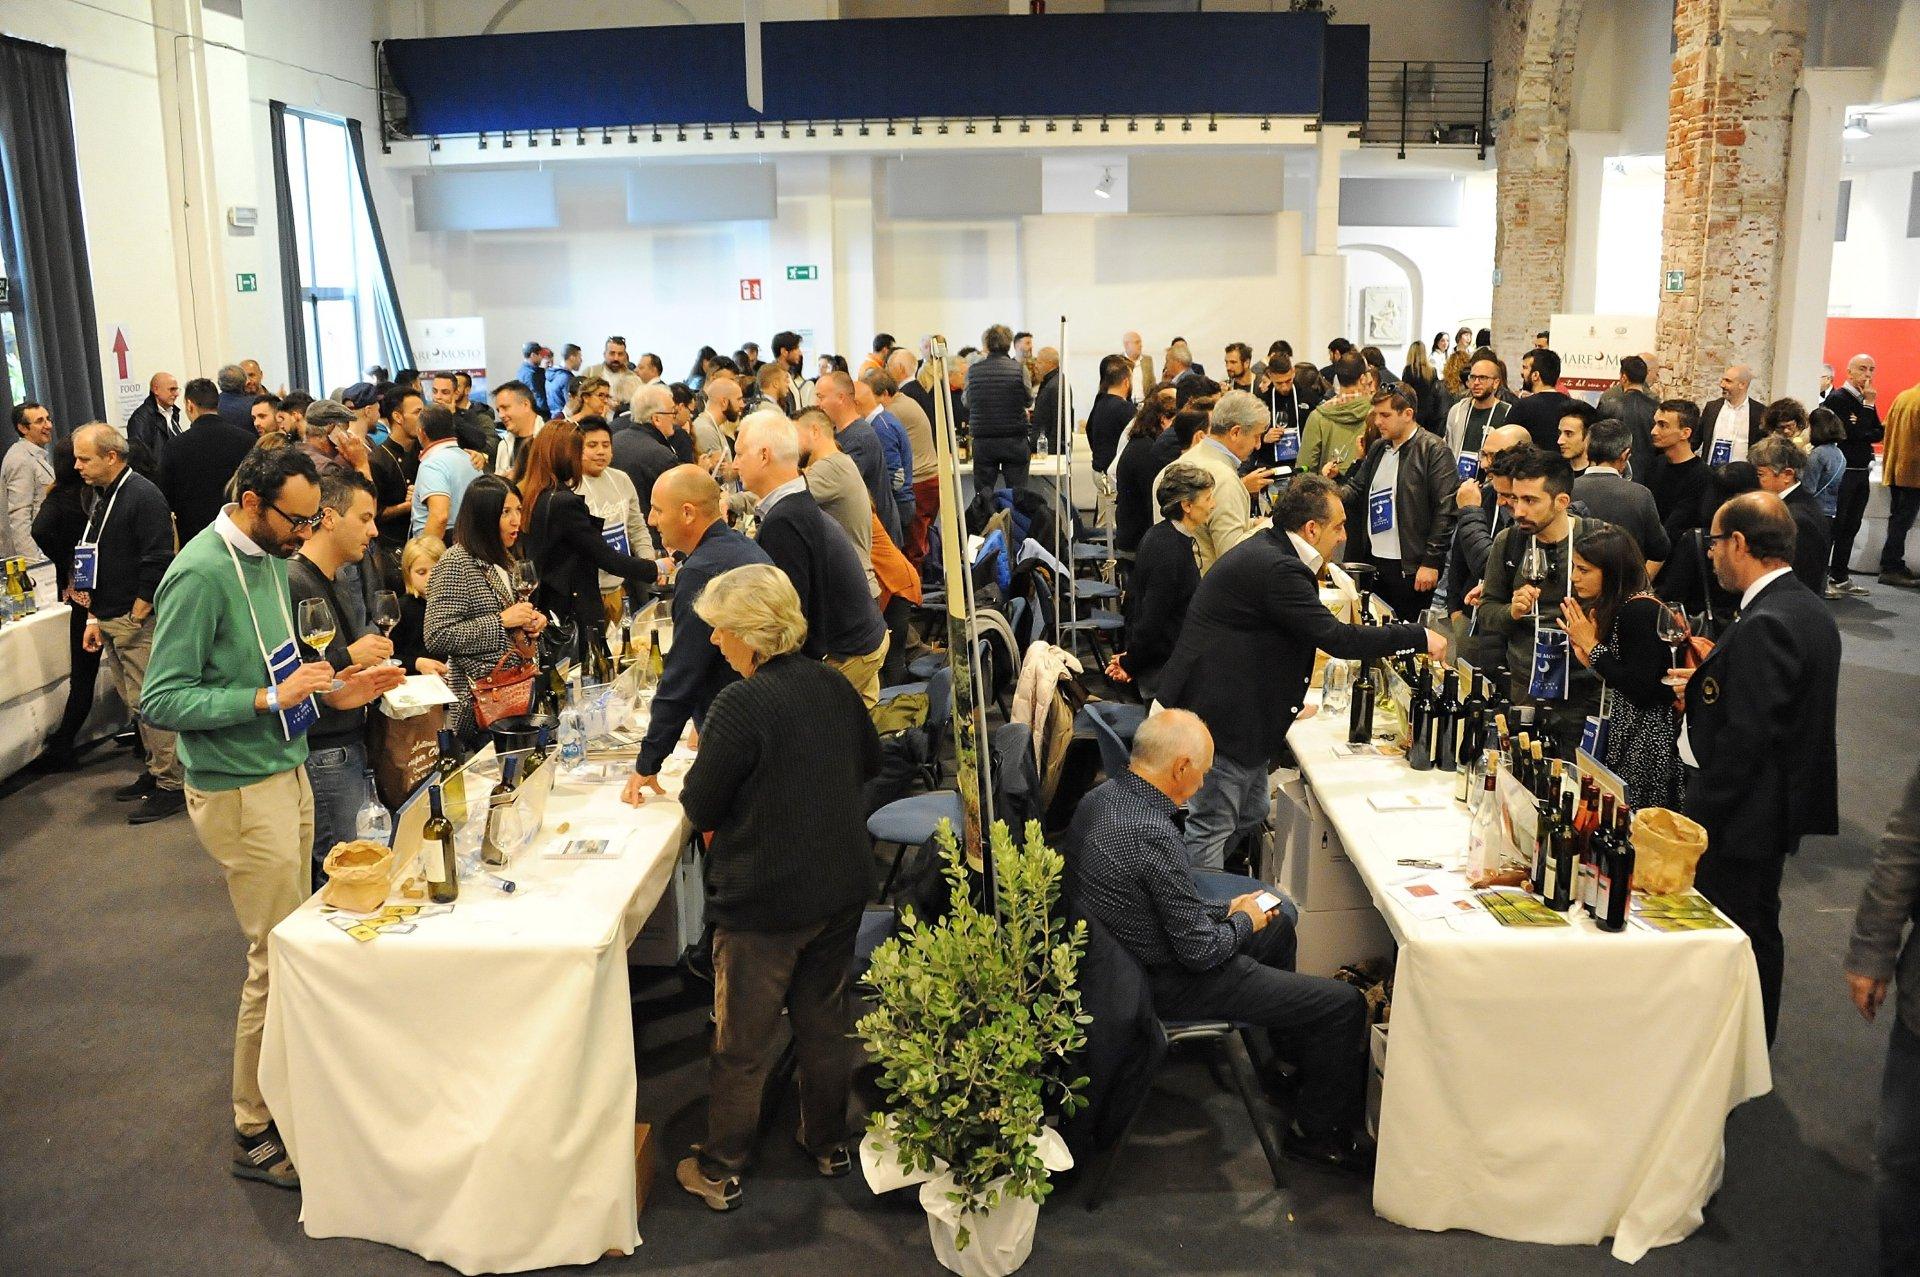 Mare&Mosto a Sestri Levante è stato un grande successo per il vino e l'olio di Liguria